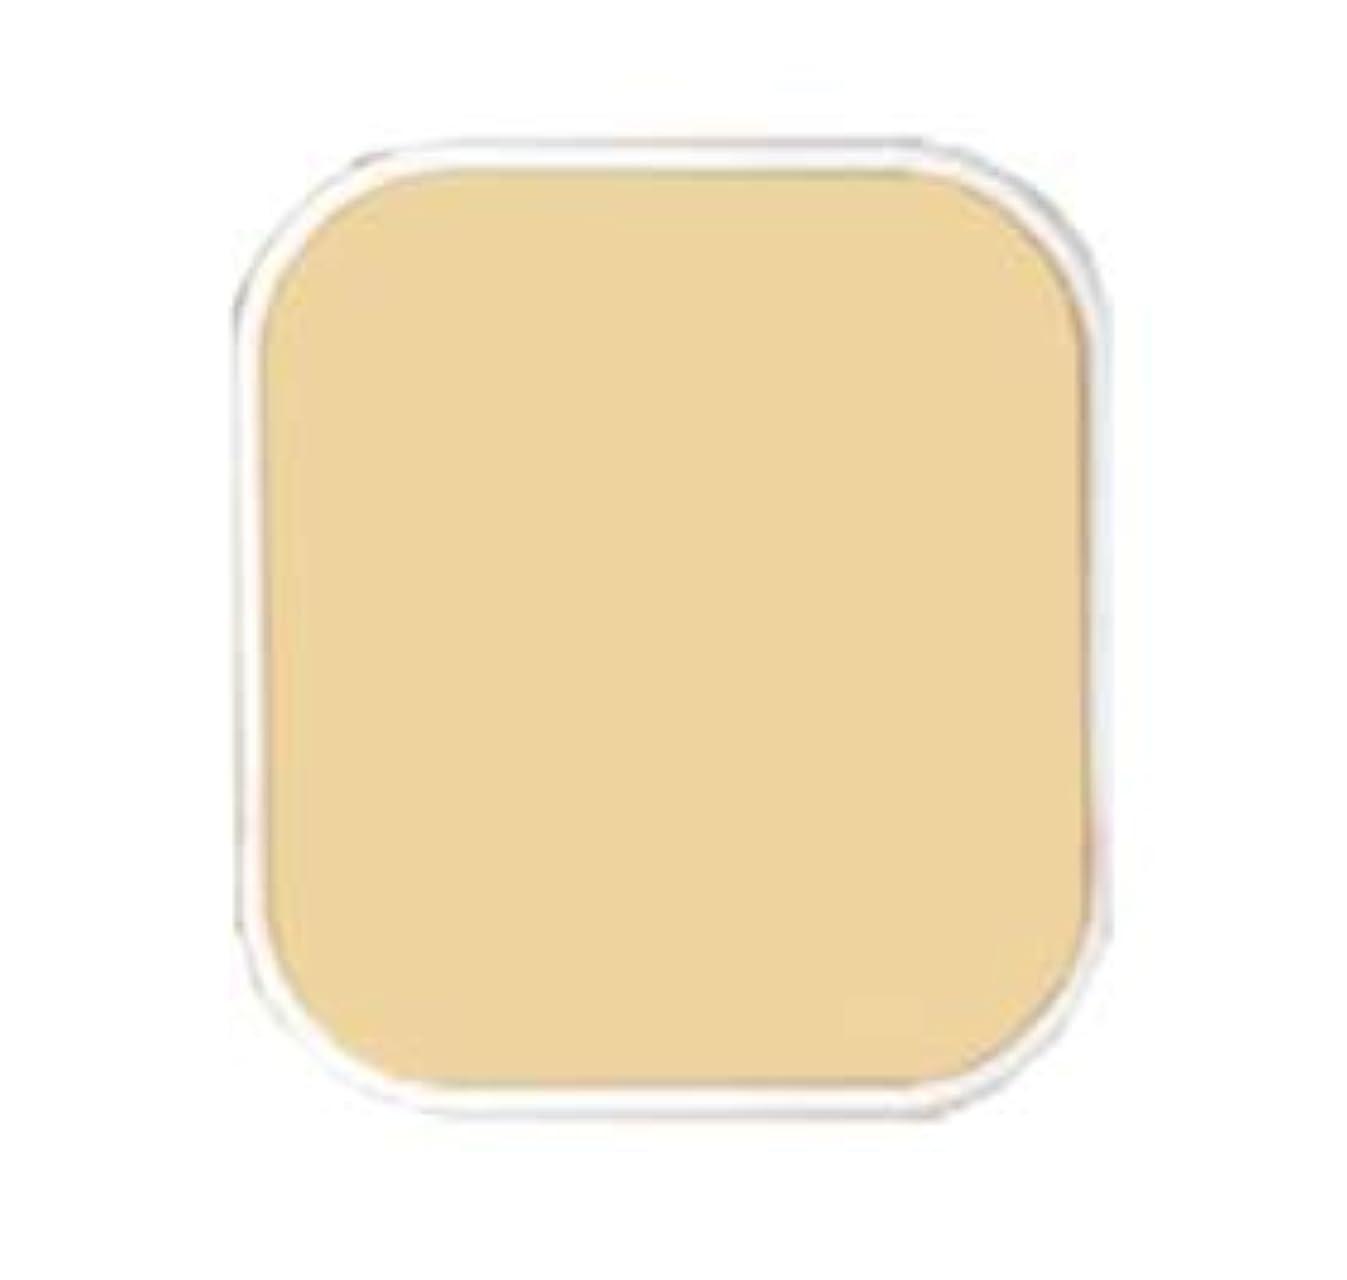 広げる厚くする物理アクセーヌ クリーミィファンデーションPV(リフィル)<O10明るいオークル系>※ケース別売り(11g)